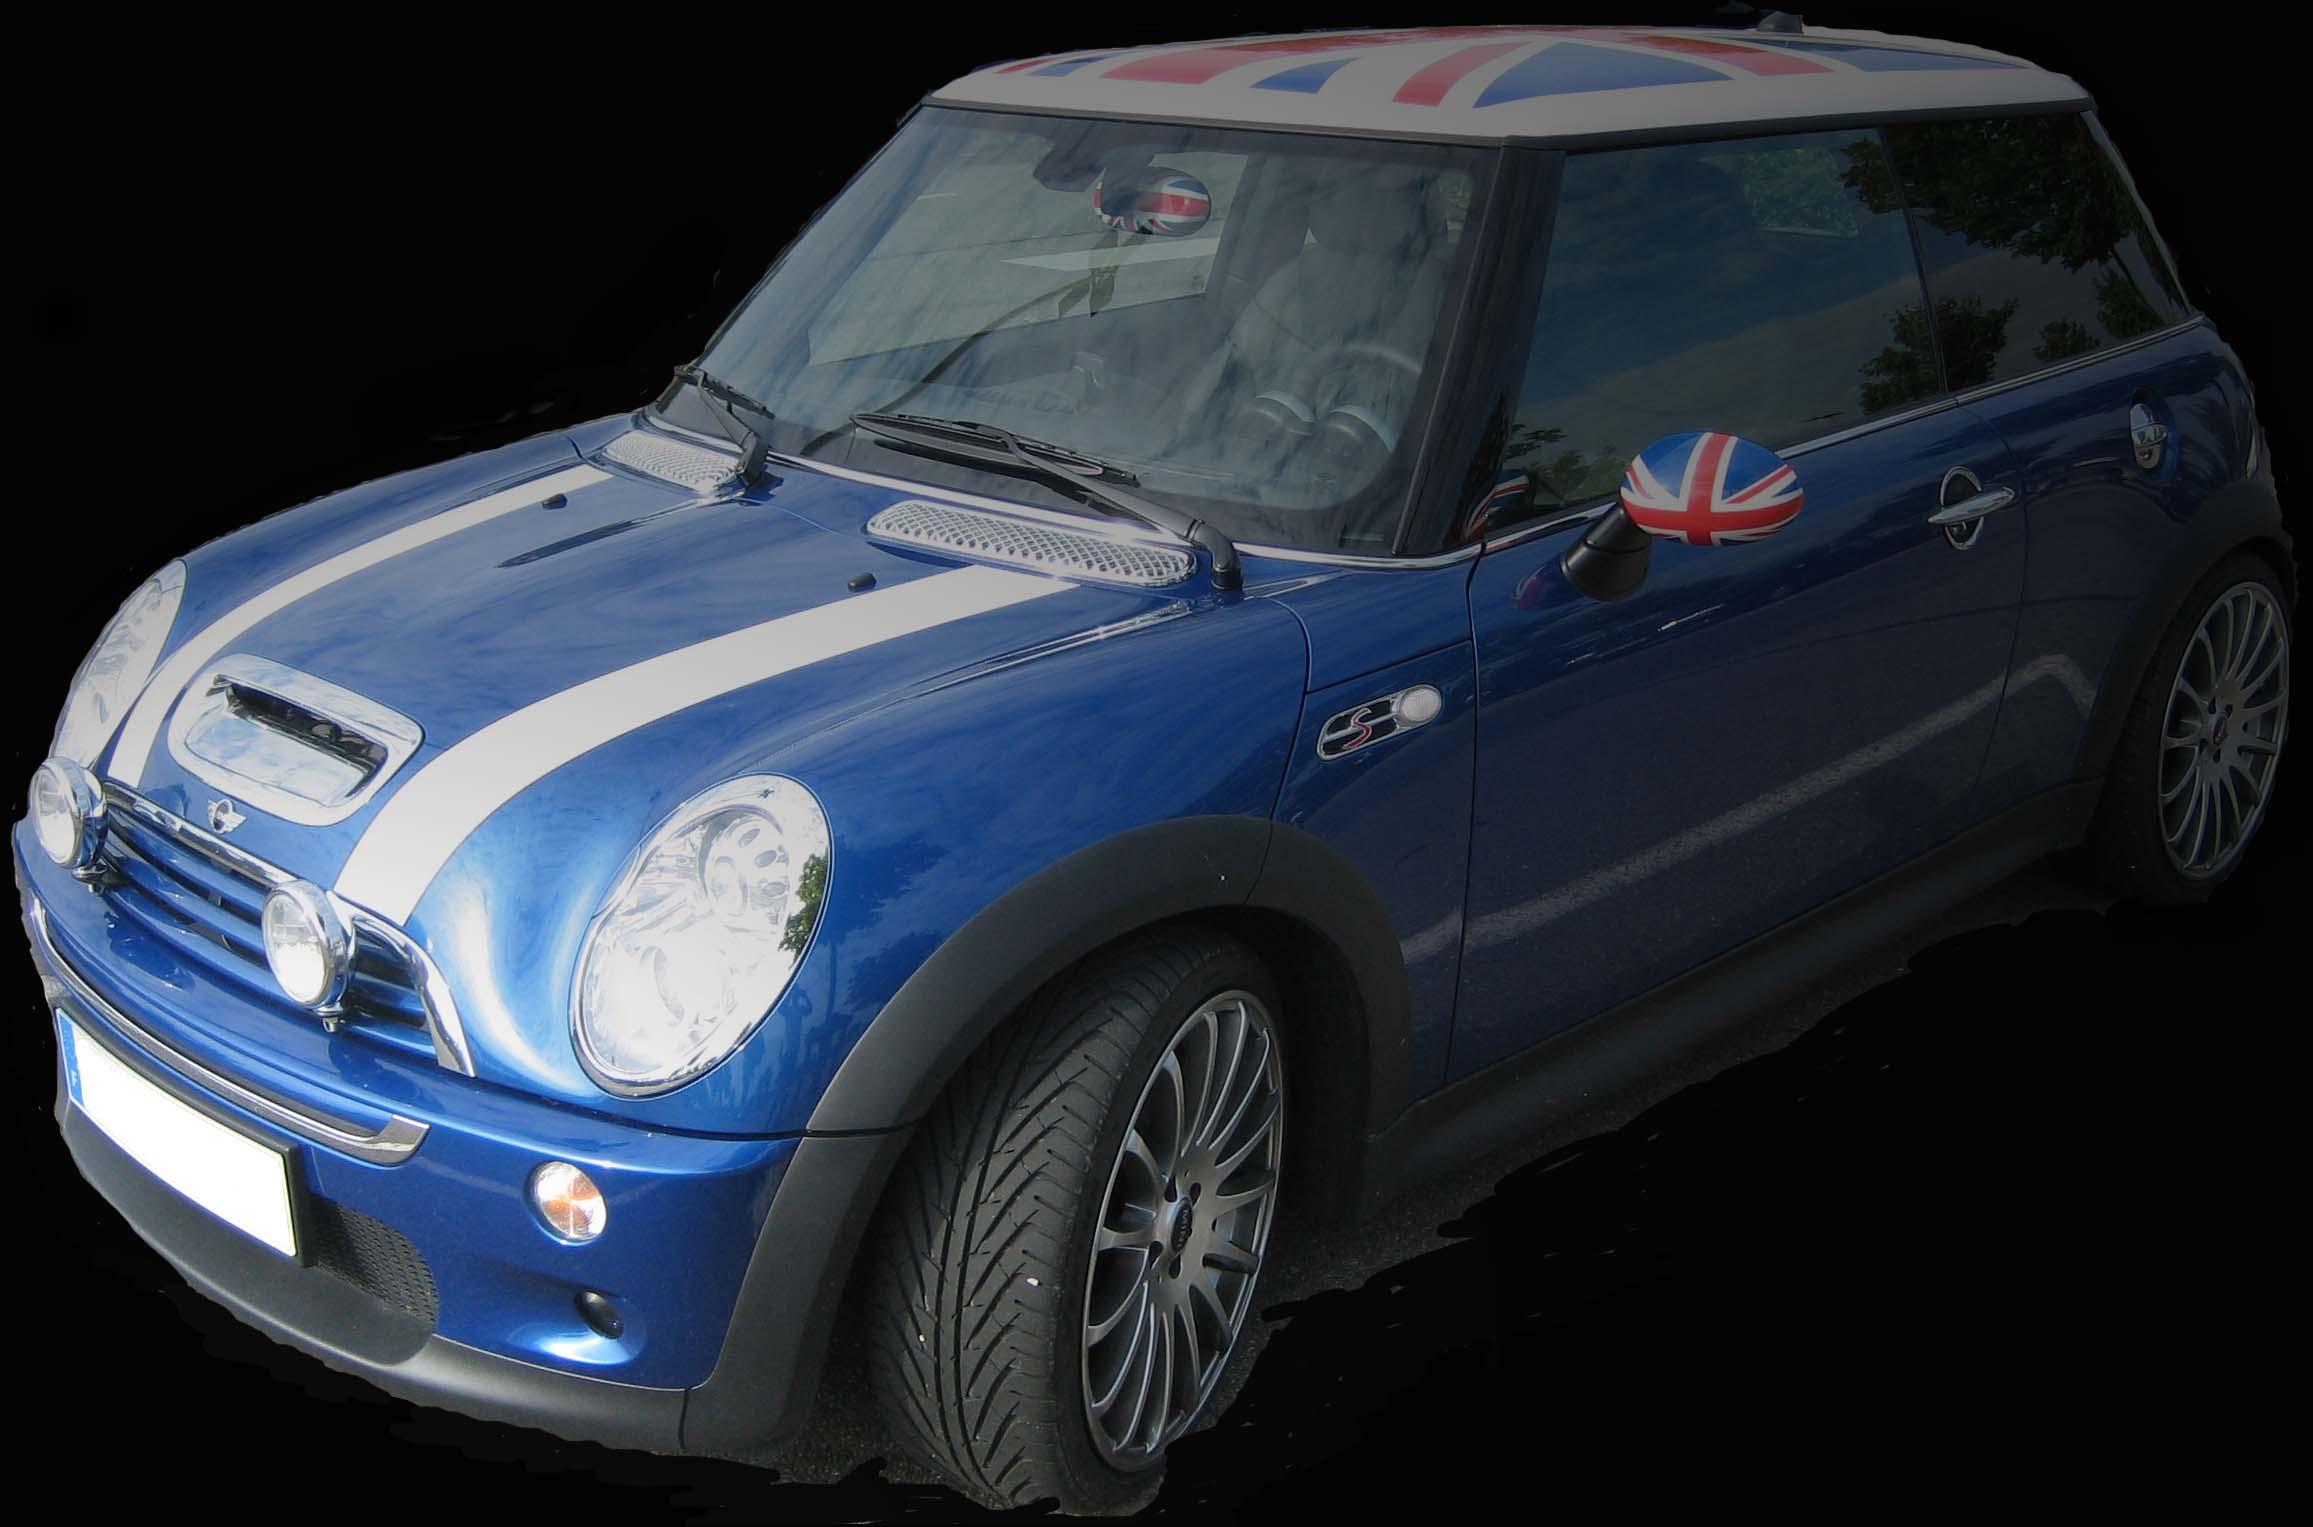 photo d 39 une mini cooper s bleu avec drapeau anglais sur le toit auto titre. Black Bedroom Furniture Sets. Home Design Ideas